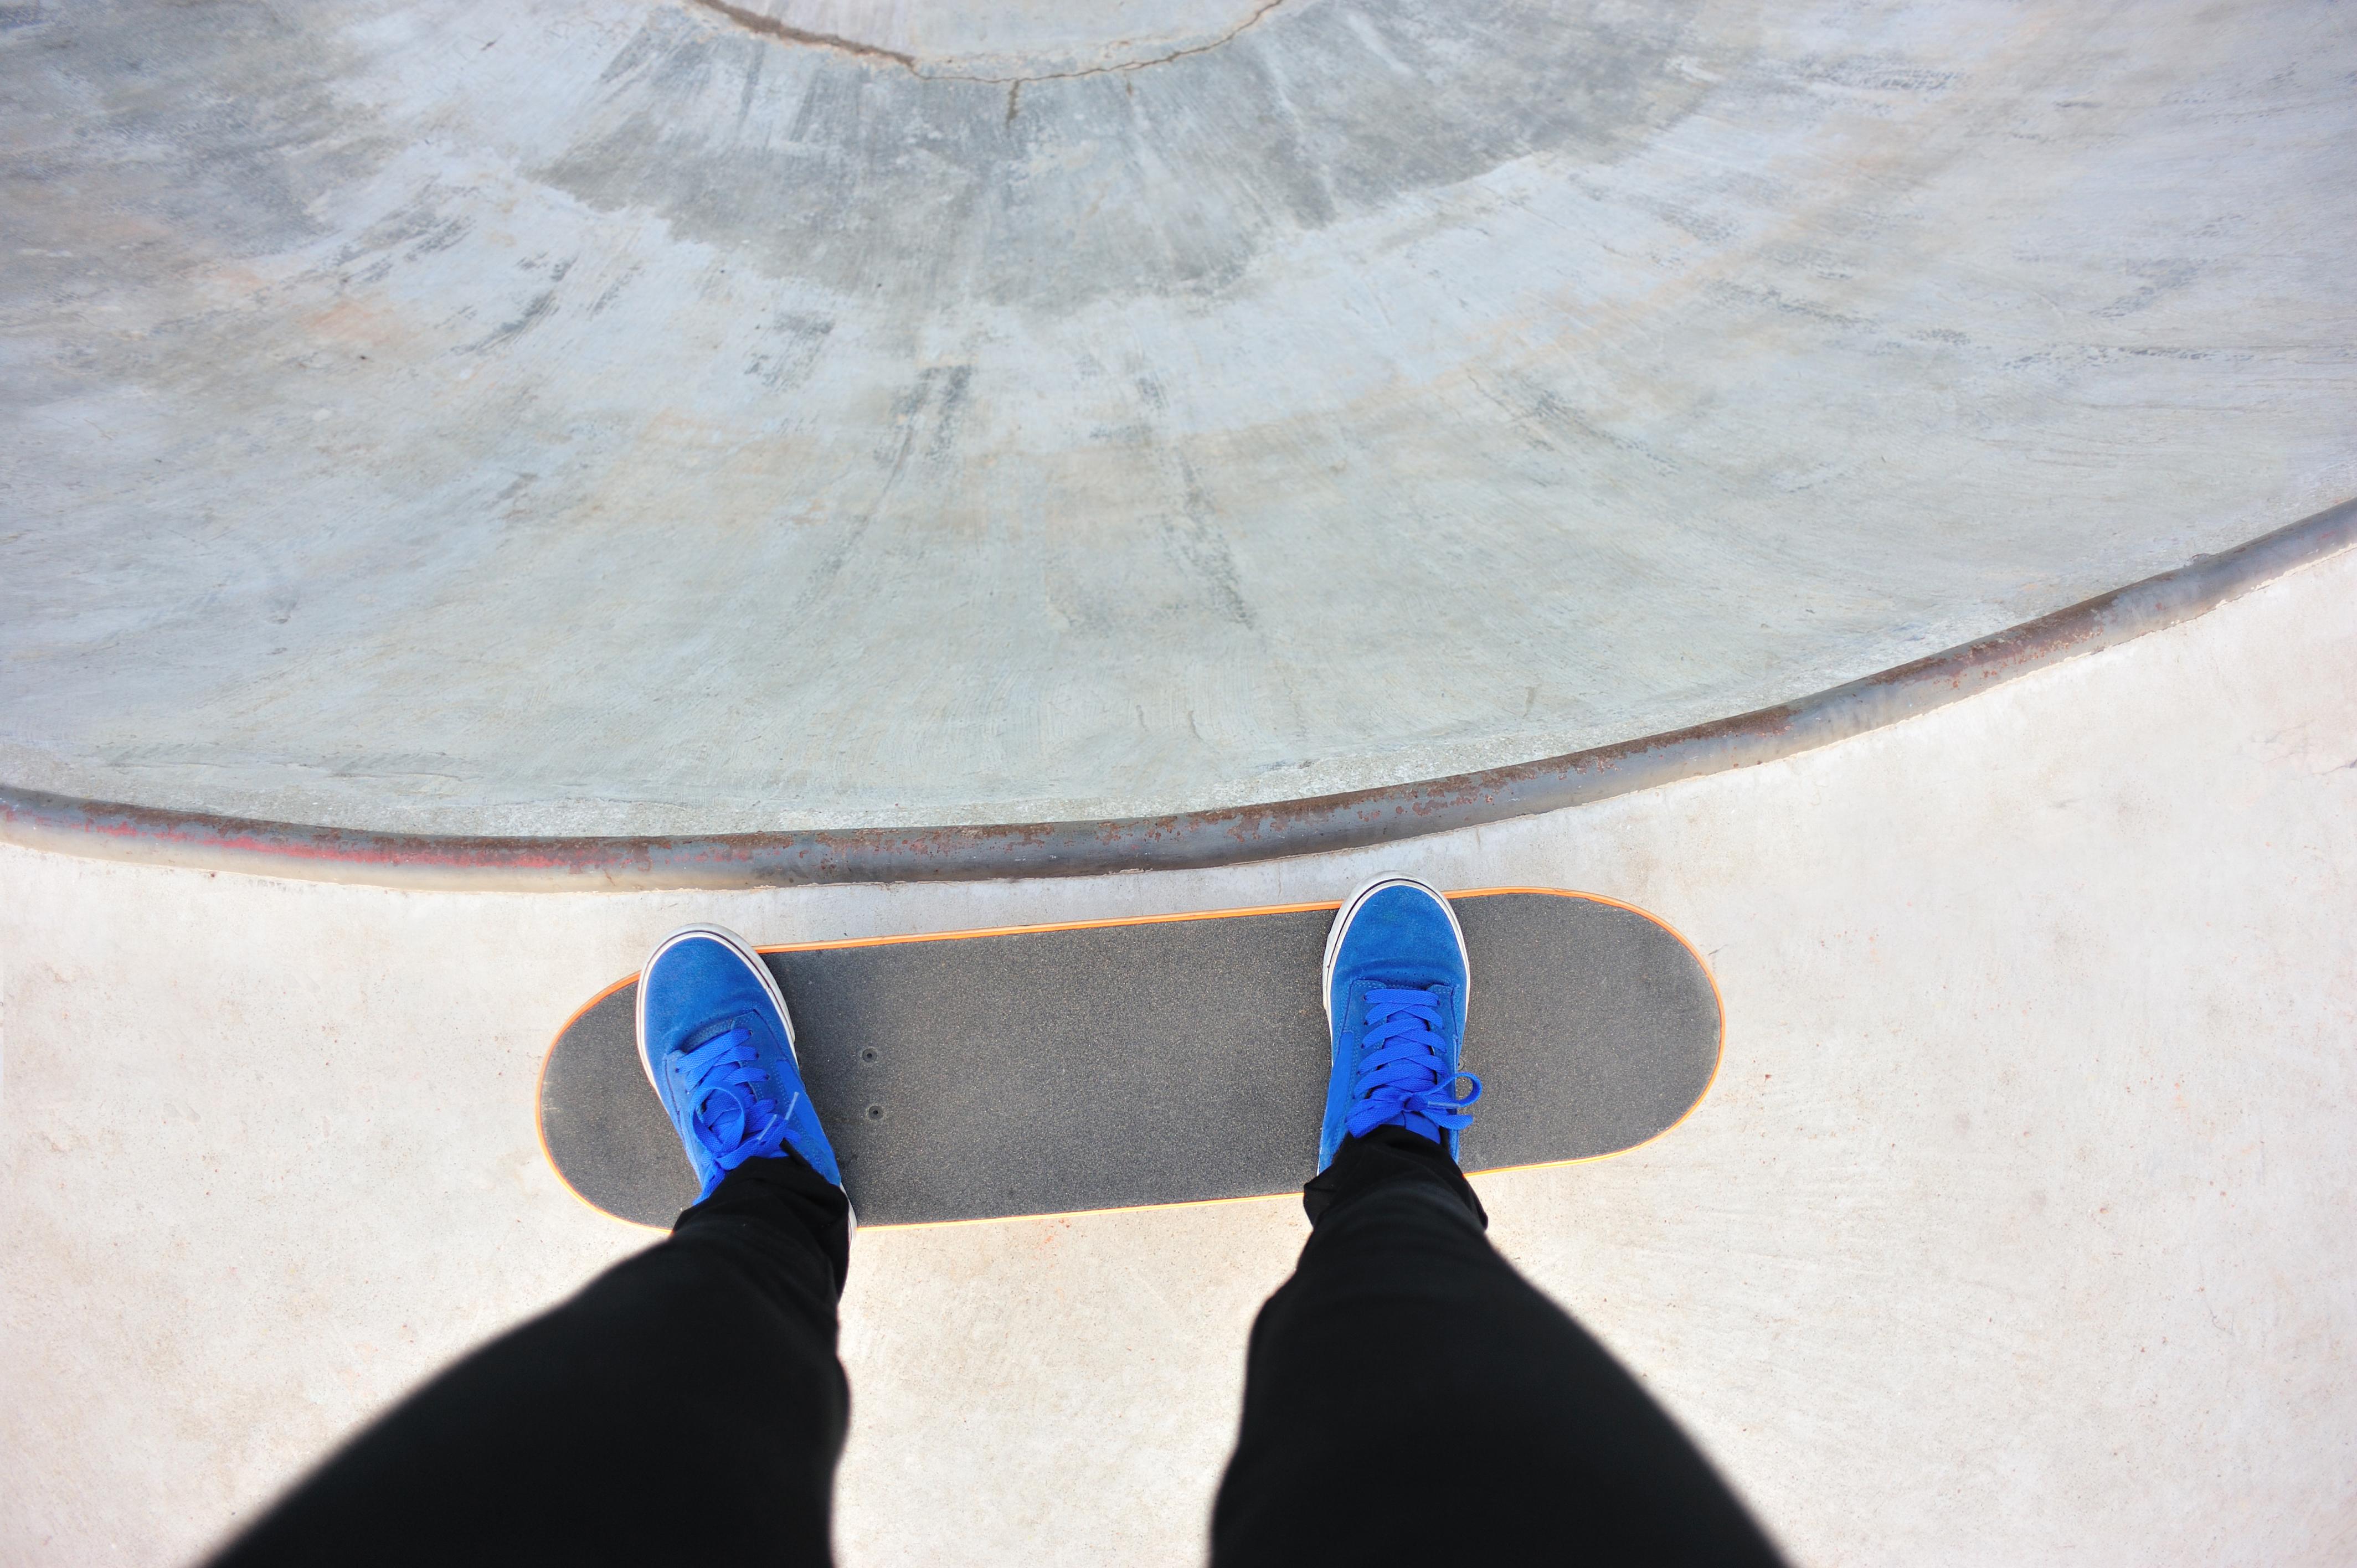 Celebrate the grand opening of Riverside Park's new skatepark